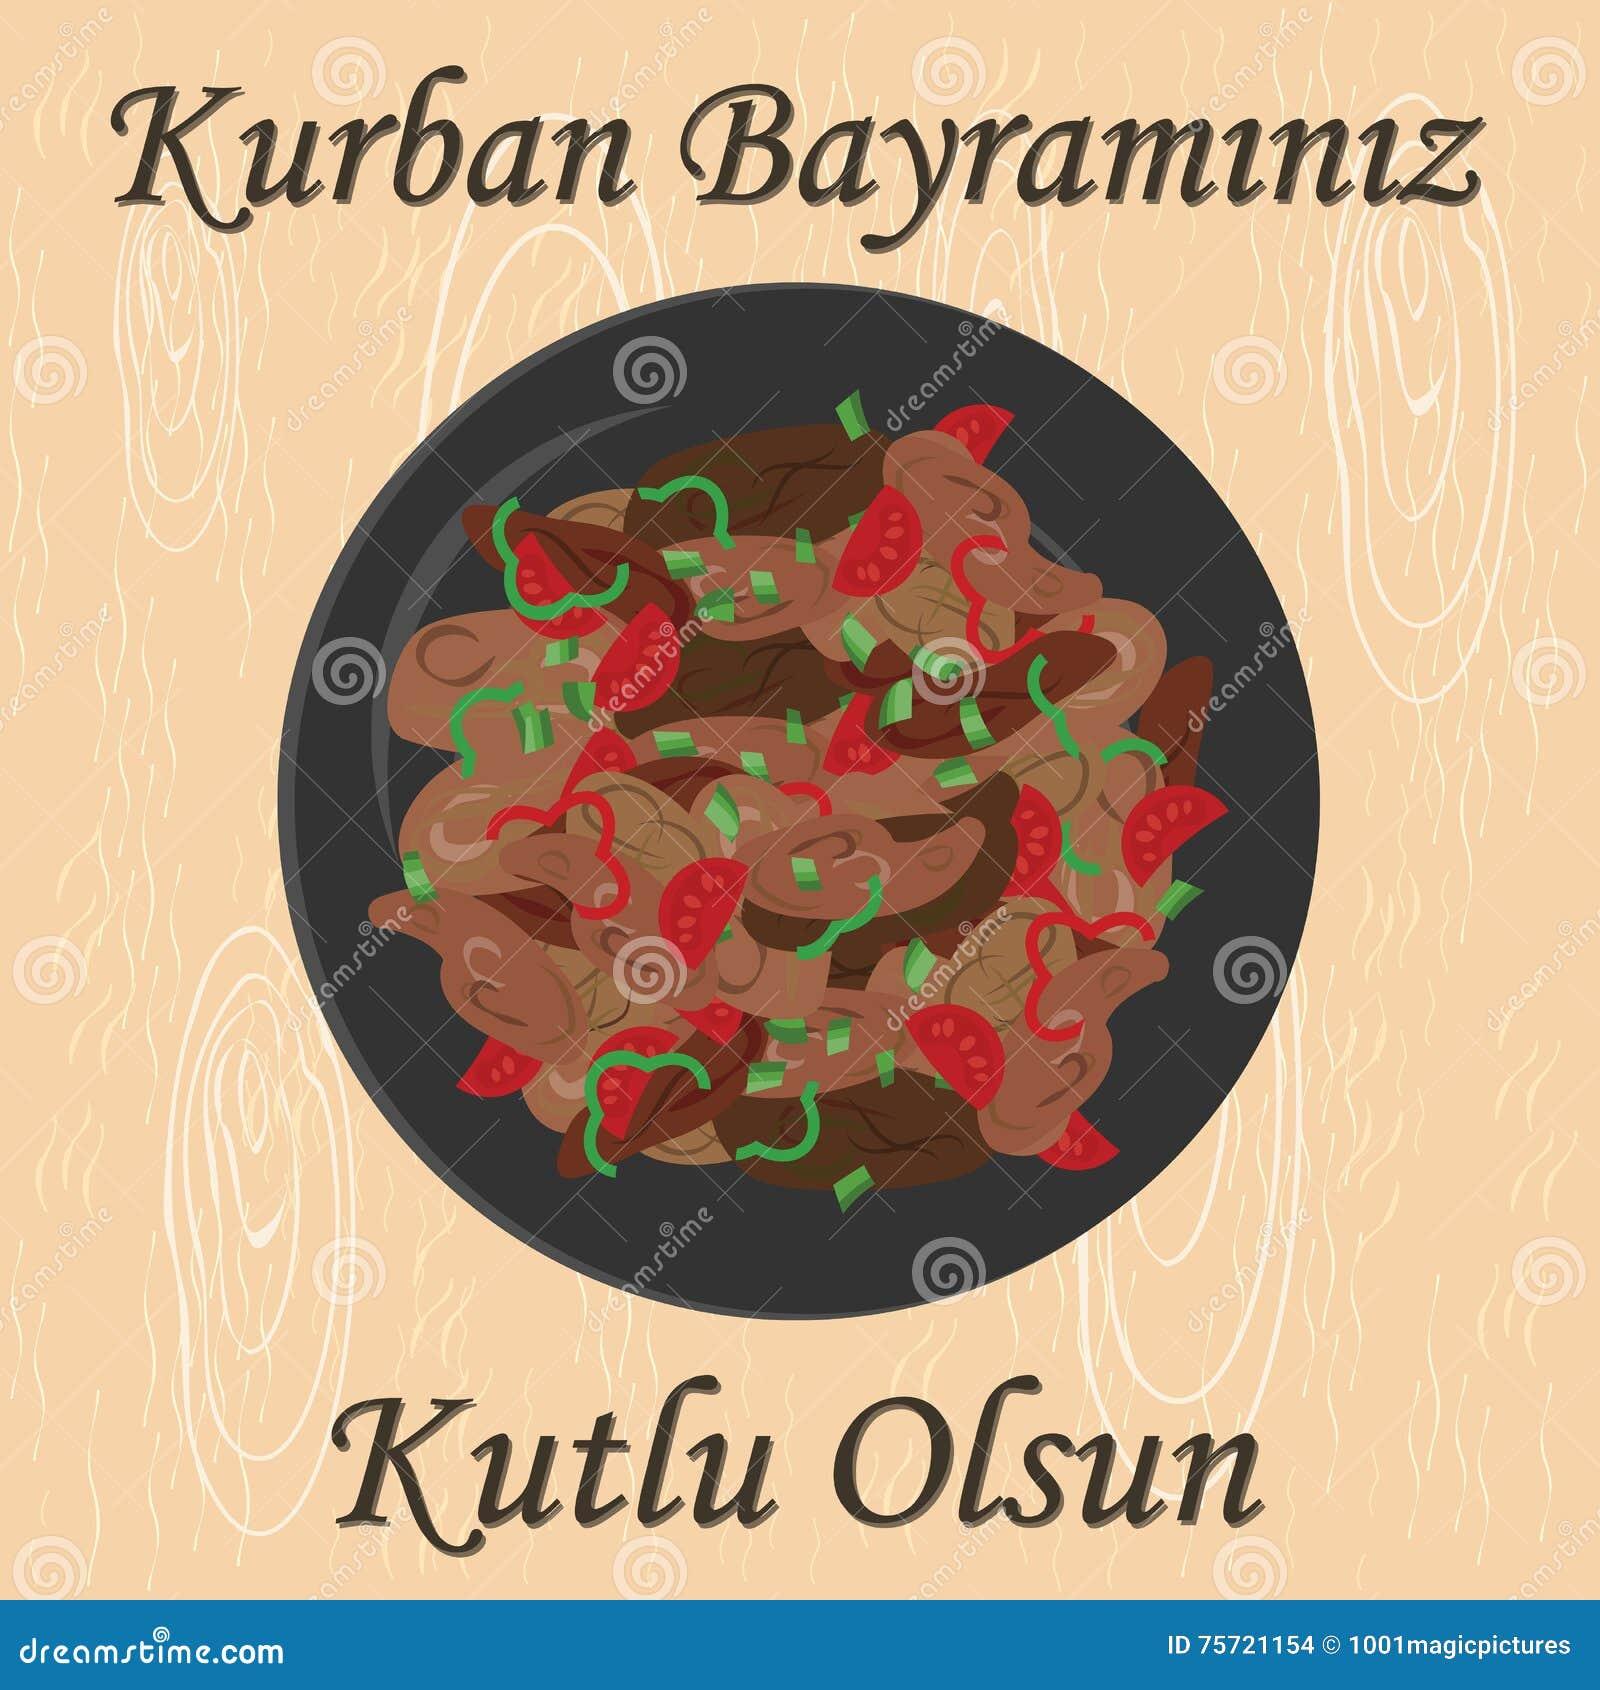 Kurban Kavurma Middle Stock Vector Illustration Of Meat 75721154